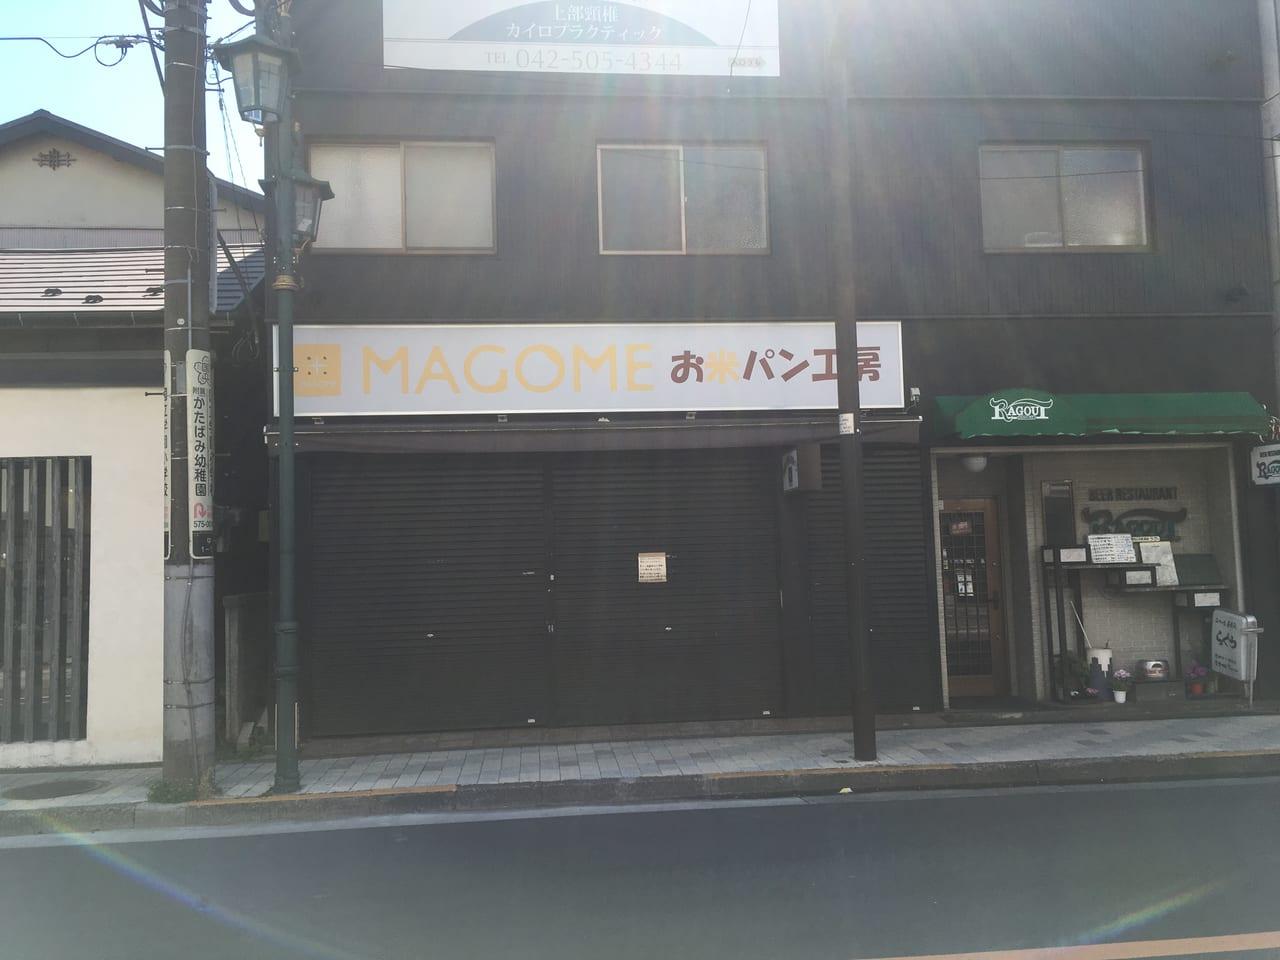 富士見通り『MAGOMEお米パン工房』の跡地に『手鞠ケーキ/豆富クリーム』のお店がオープンするようです!!